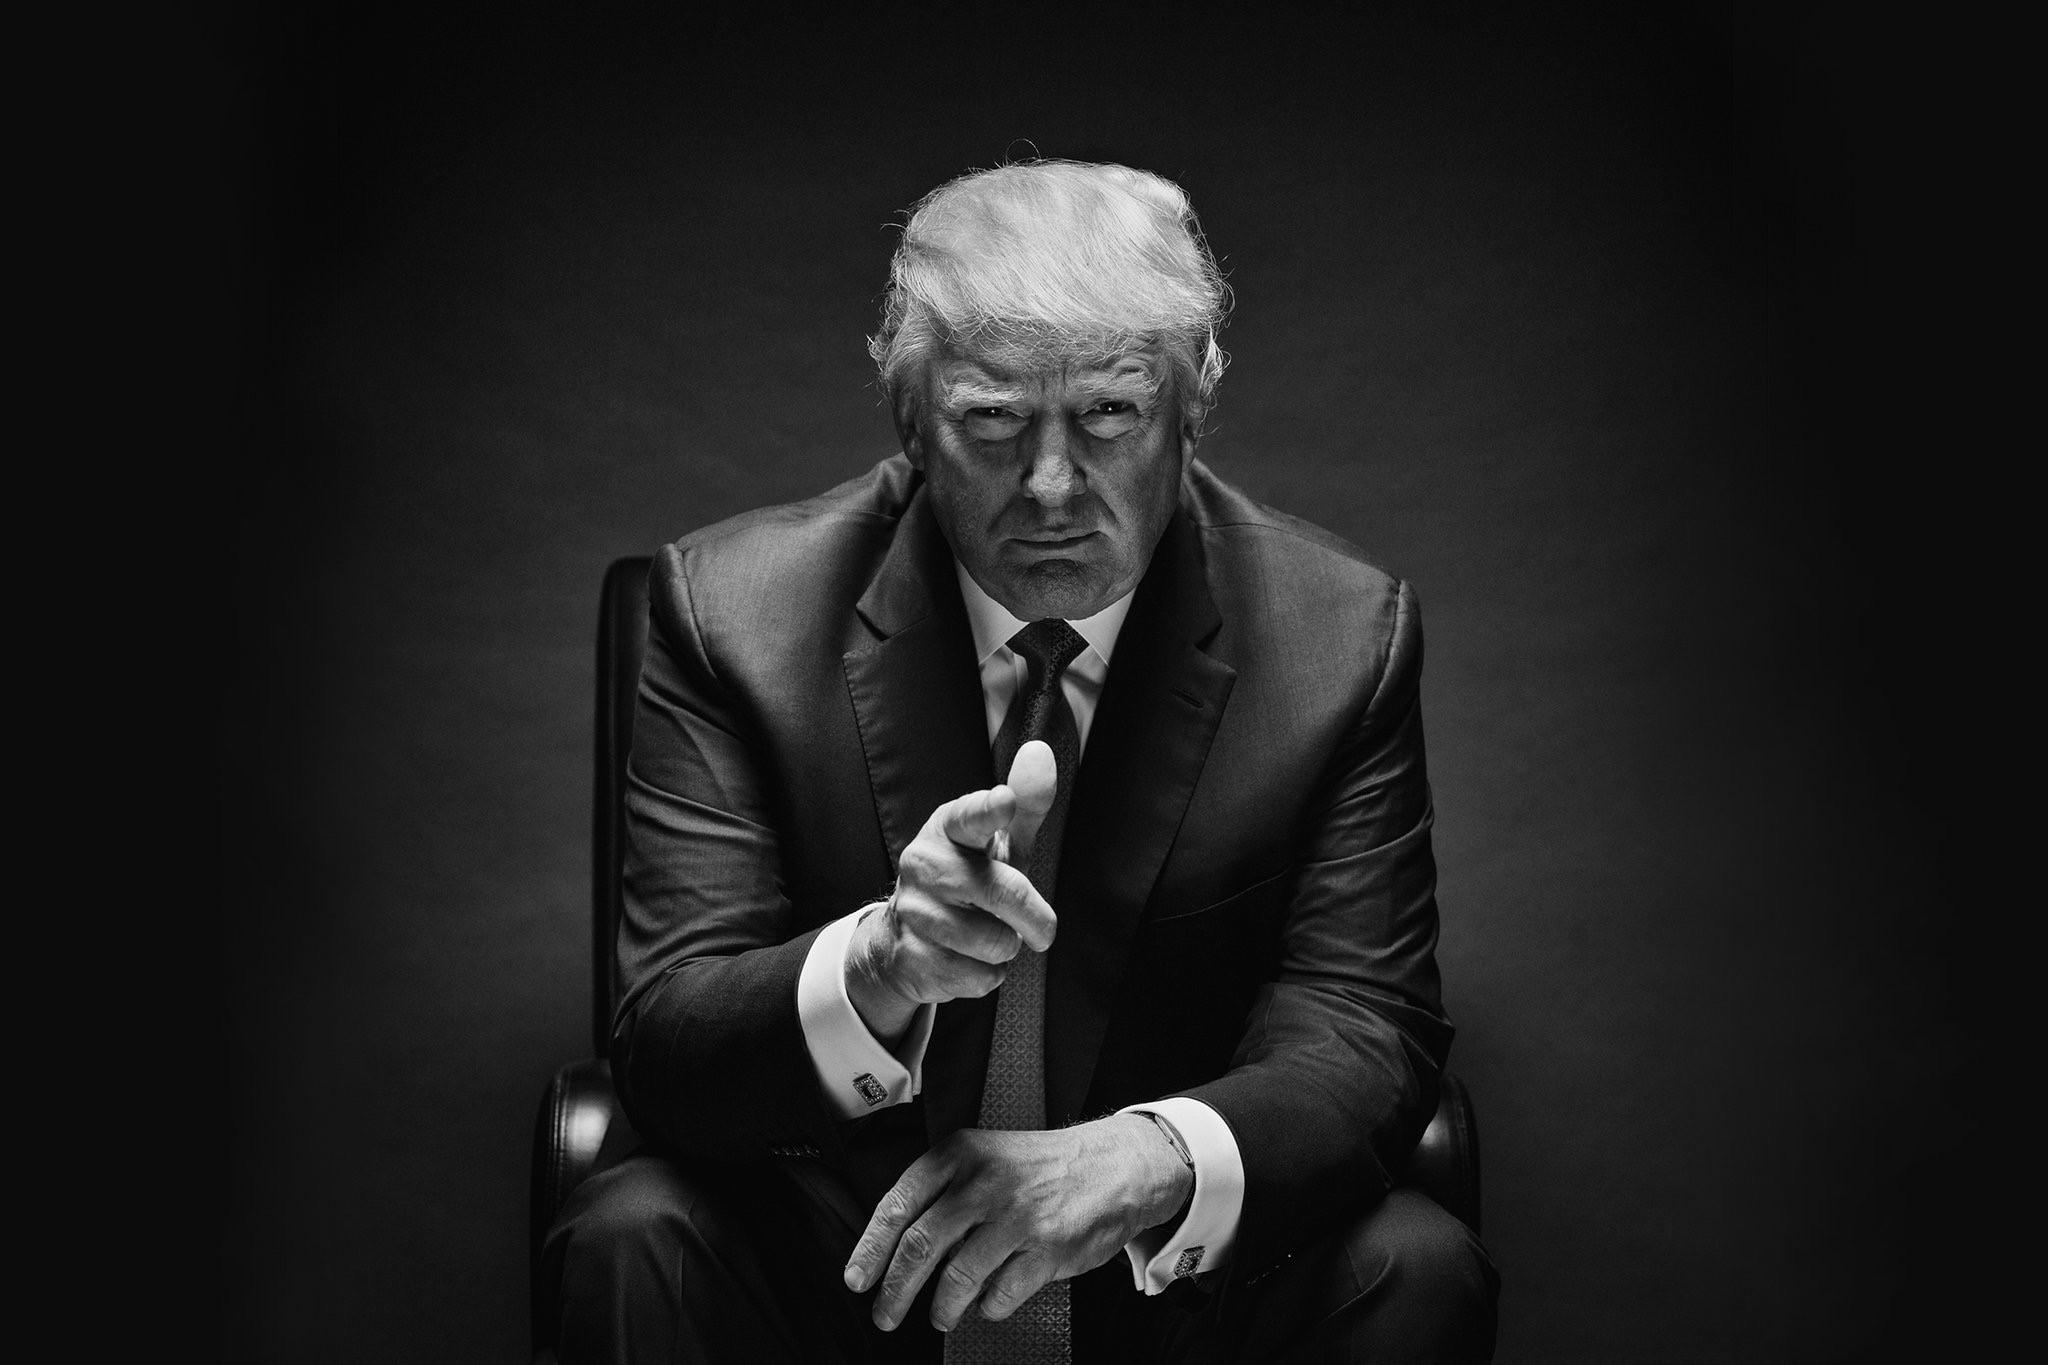 特朗普挑战的不止是美国现行的政治秩序格局,也是在颠覆一套既得利益者制定的游戏规则 Damon Winter/The New York Times 来源:《纽约时报》